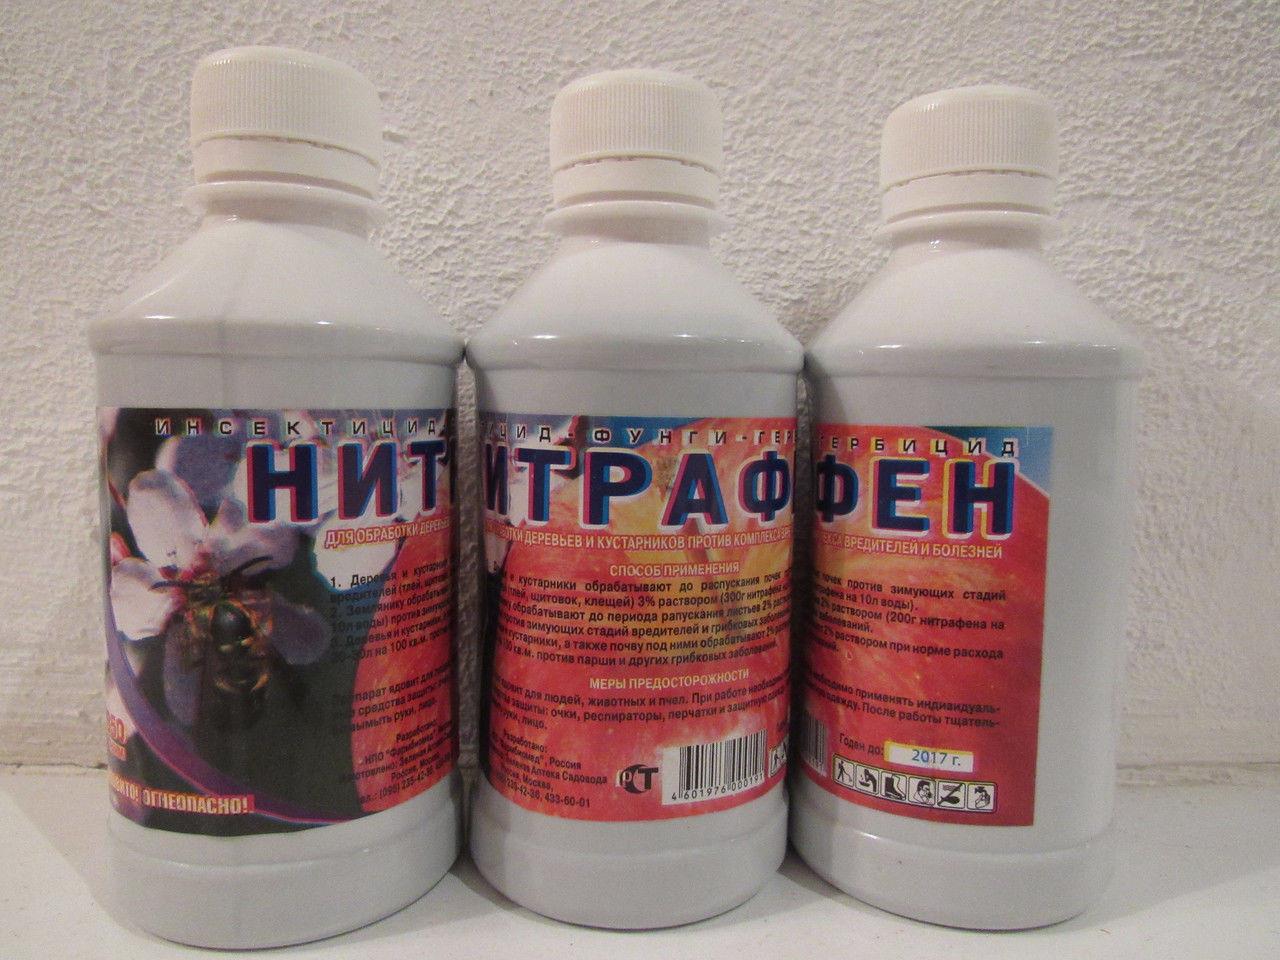 Инсекто-фунгицид Нитрафен 350 мл - комплексная защита растений от вредителей и болезней